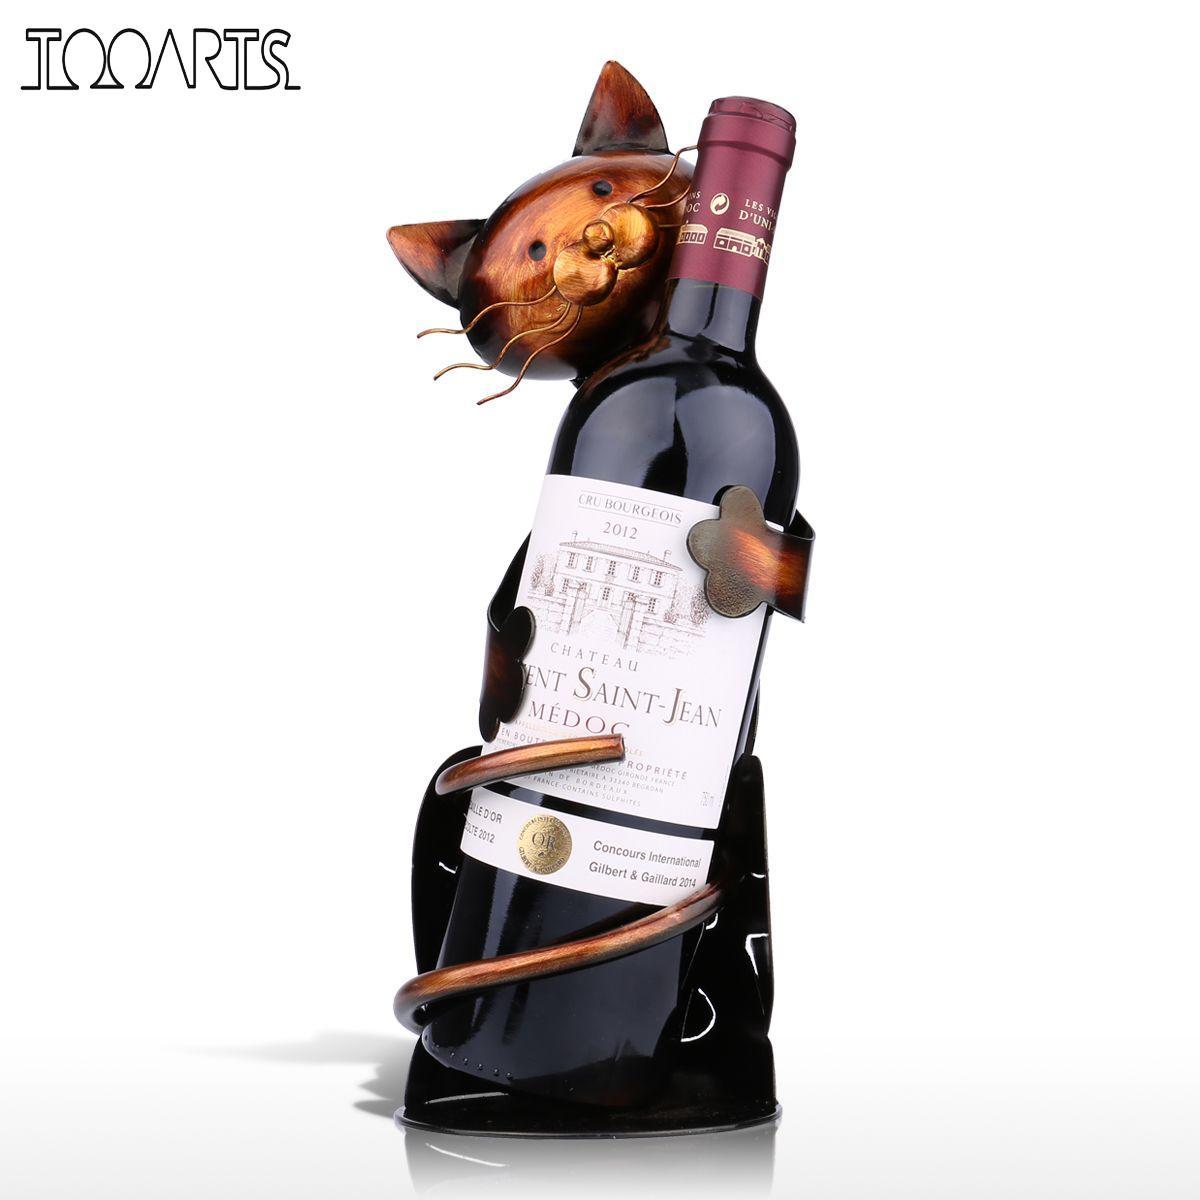 TOOARTS Cat estante del vino estante Metal escultura práctica vino soporte decoración del hogar Artes Interiores